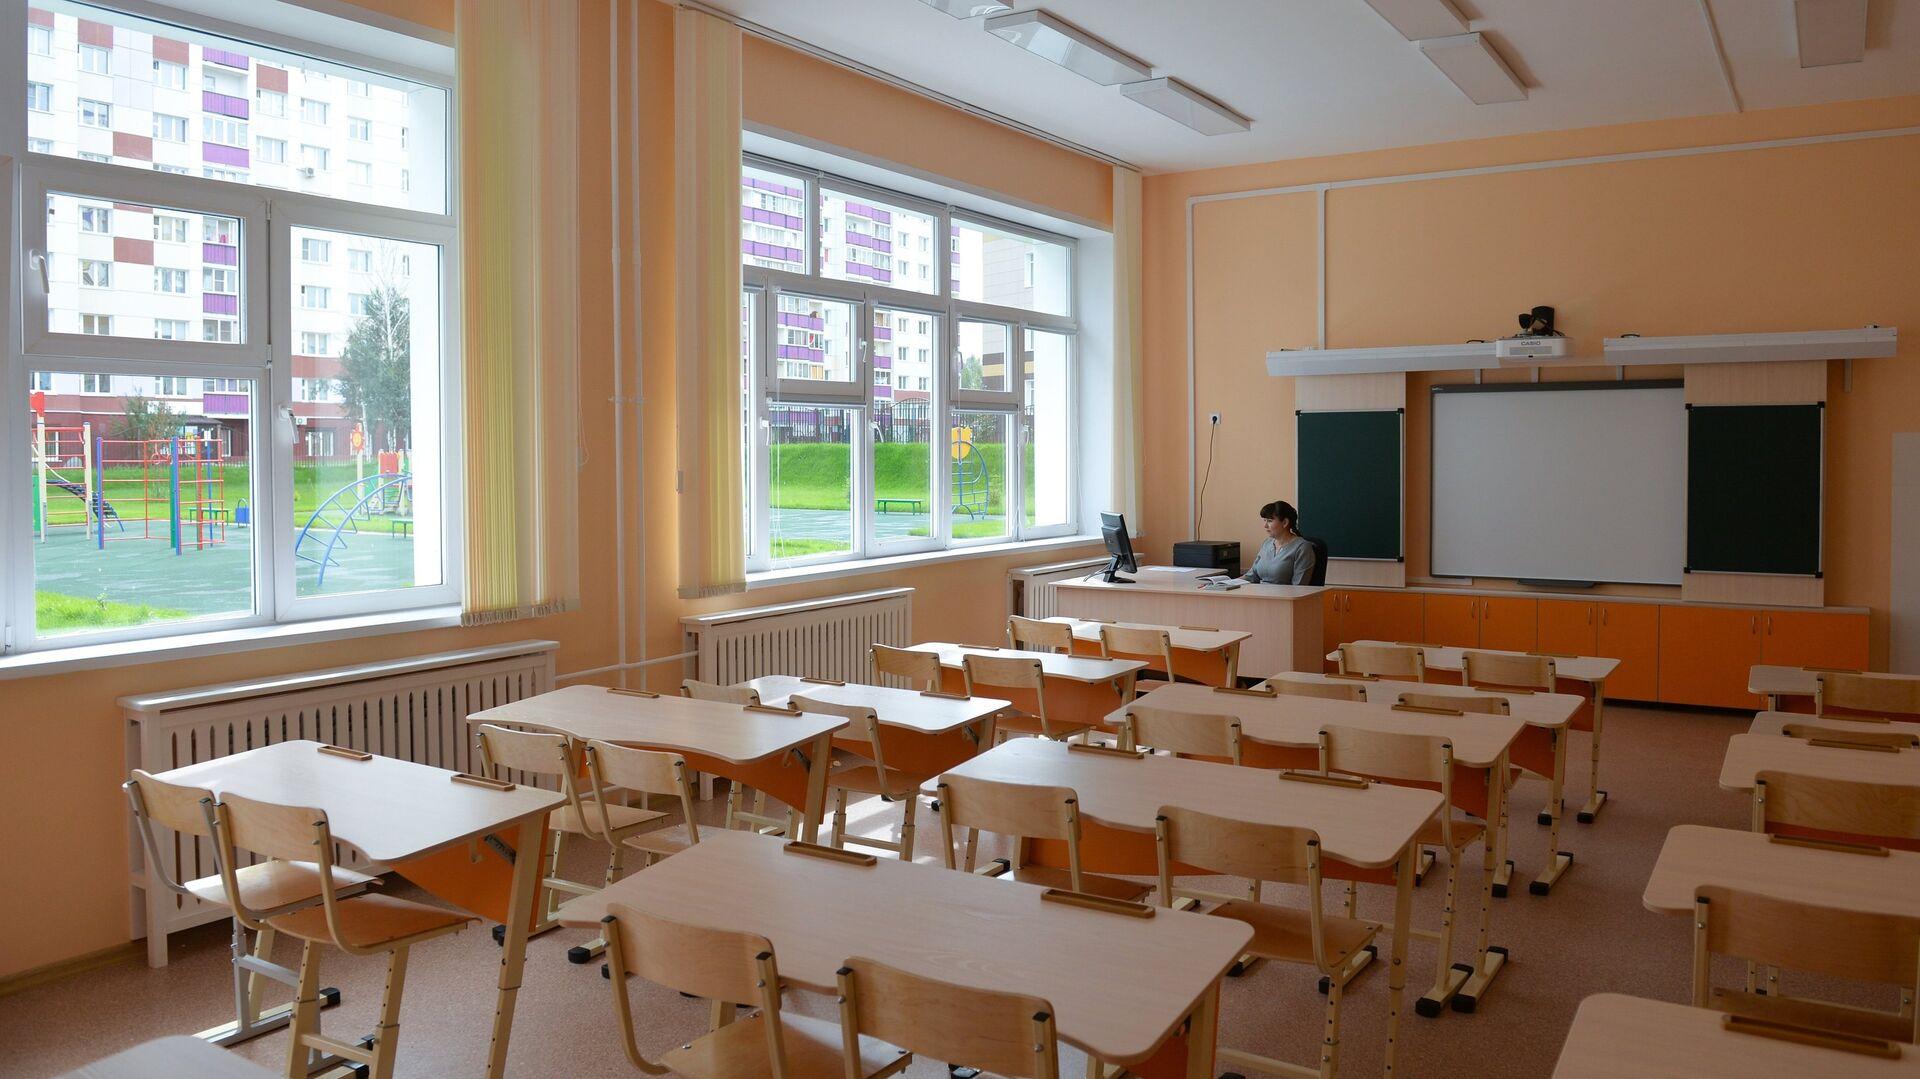 Класс в новой школе - РИА Новости, 1920, 21.05.2021